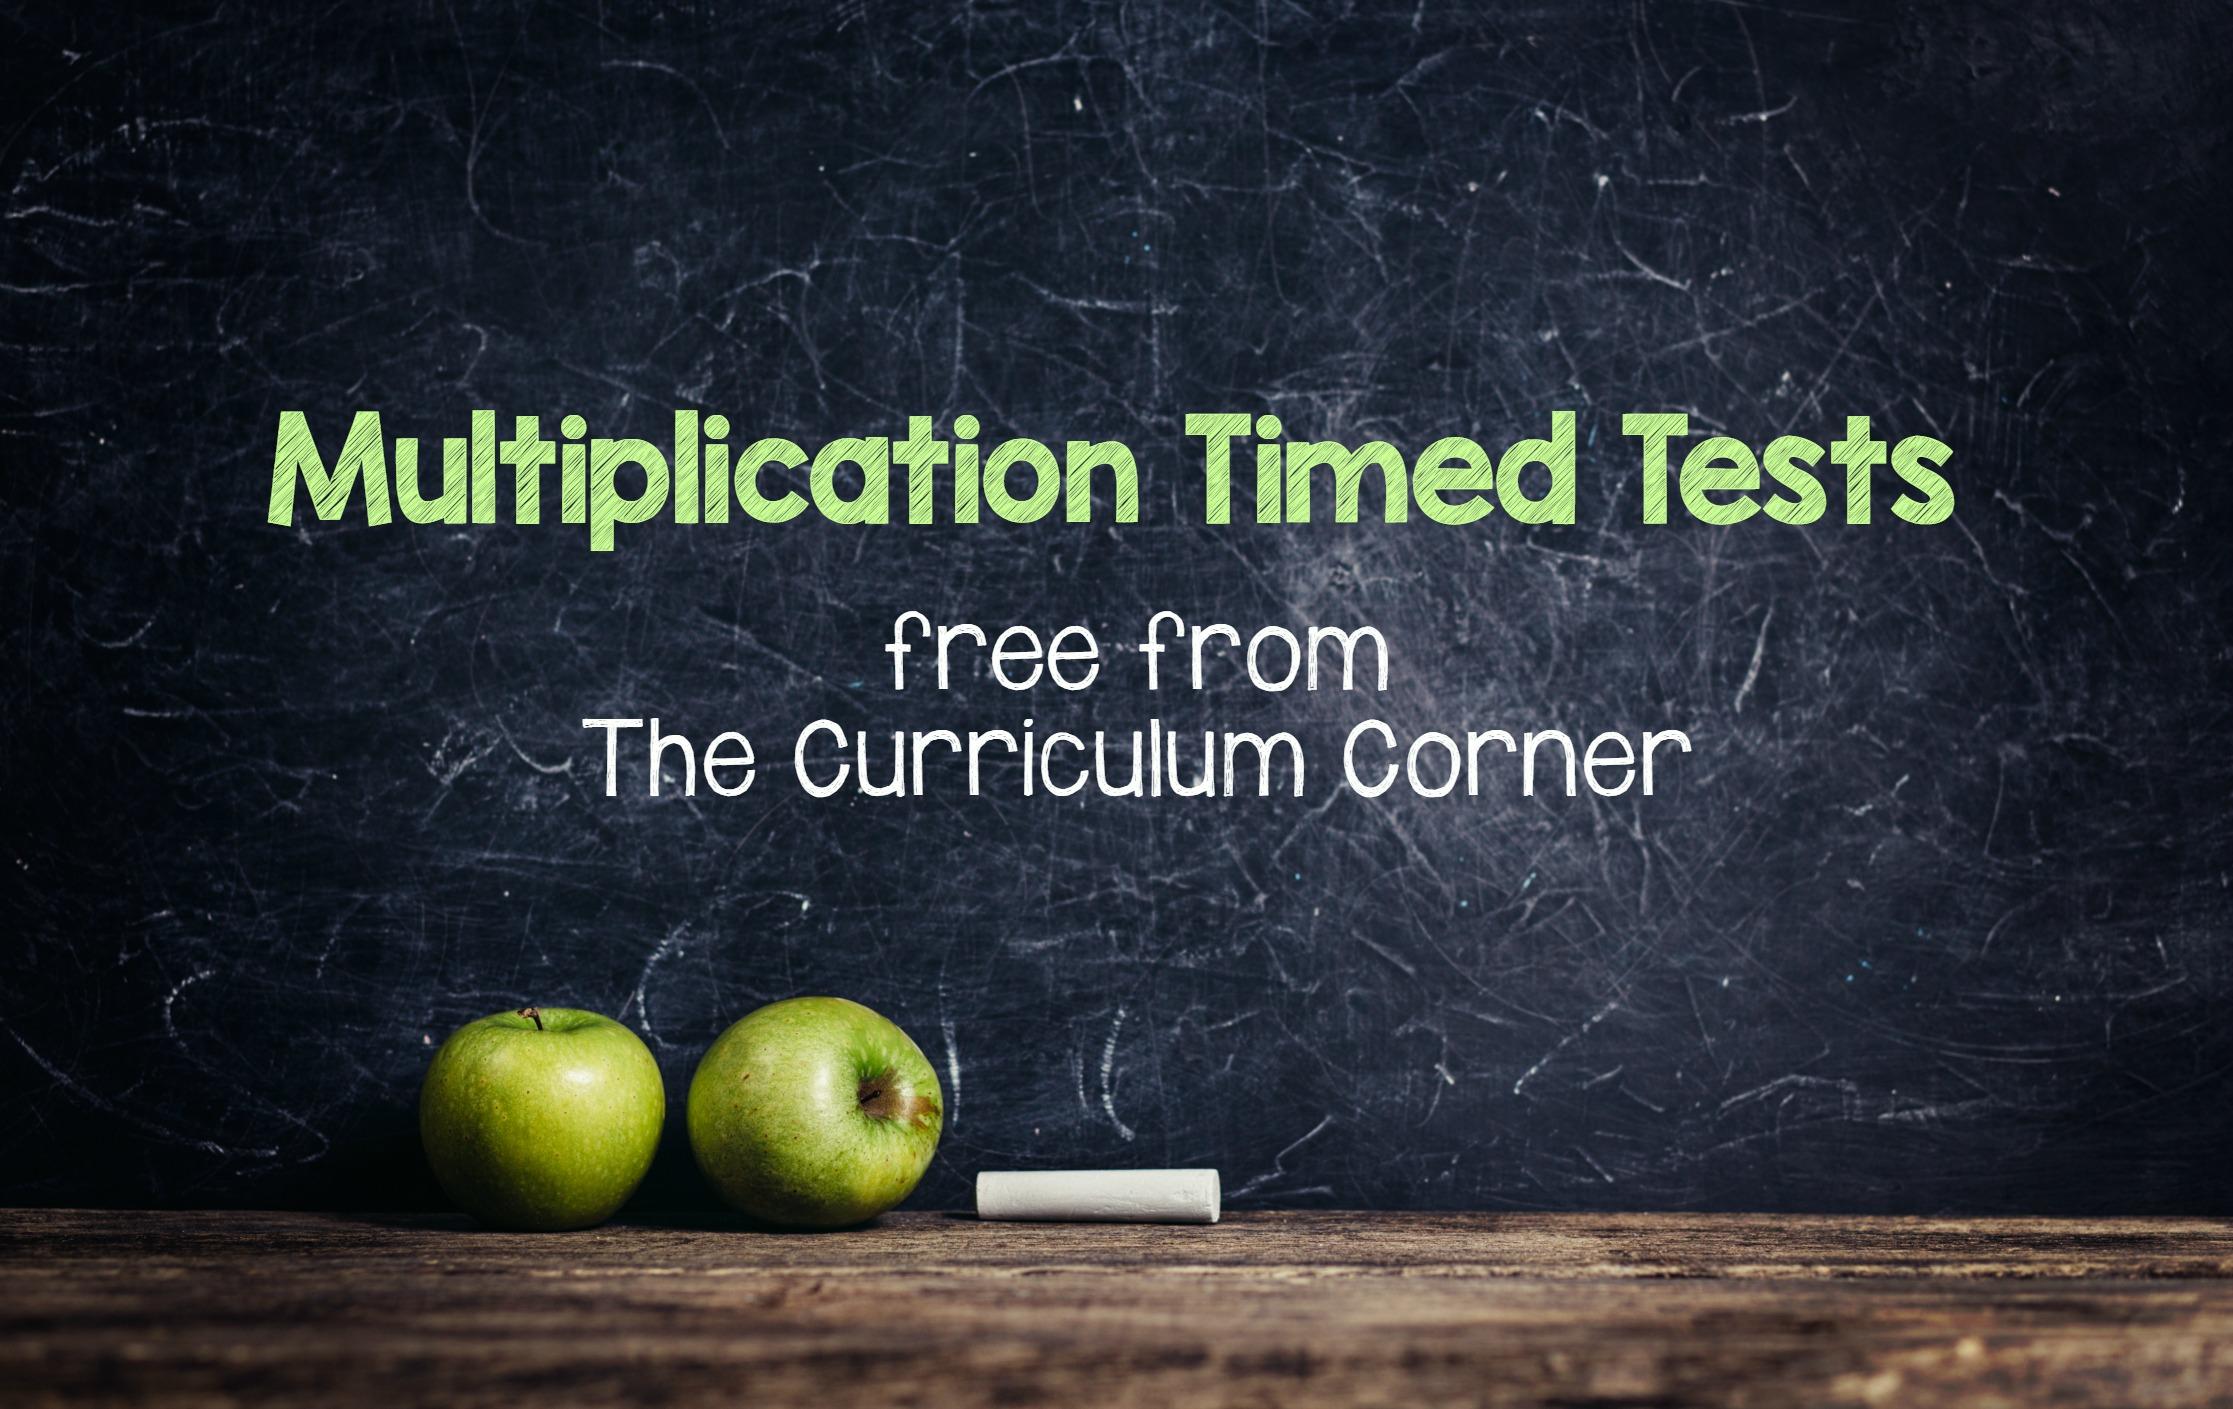 worksheet Multiplication Timed Tests multiplication timed tests the curriculum corner 123